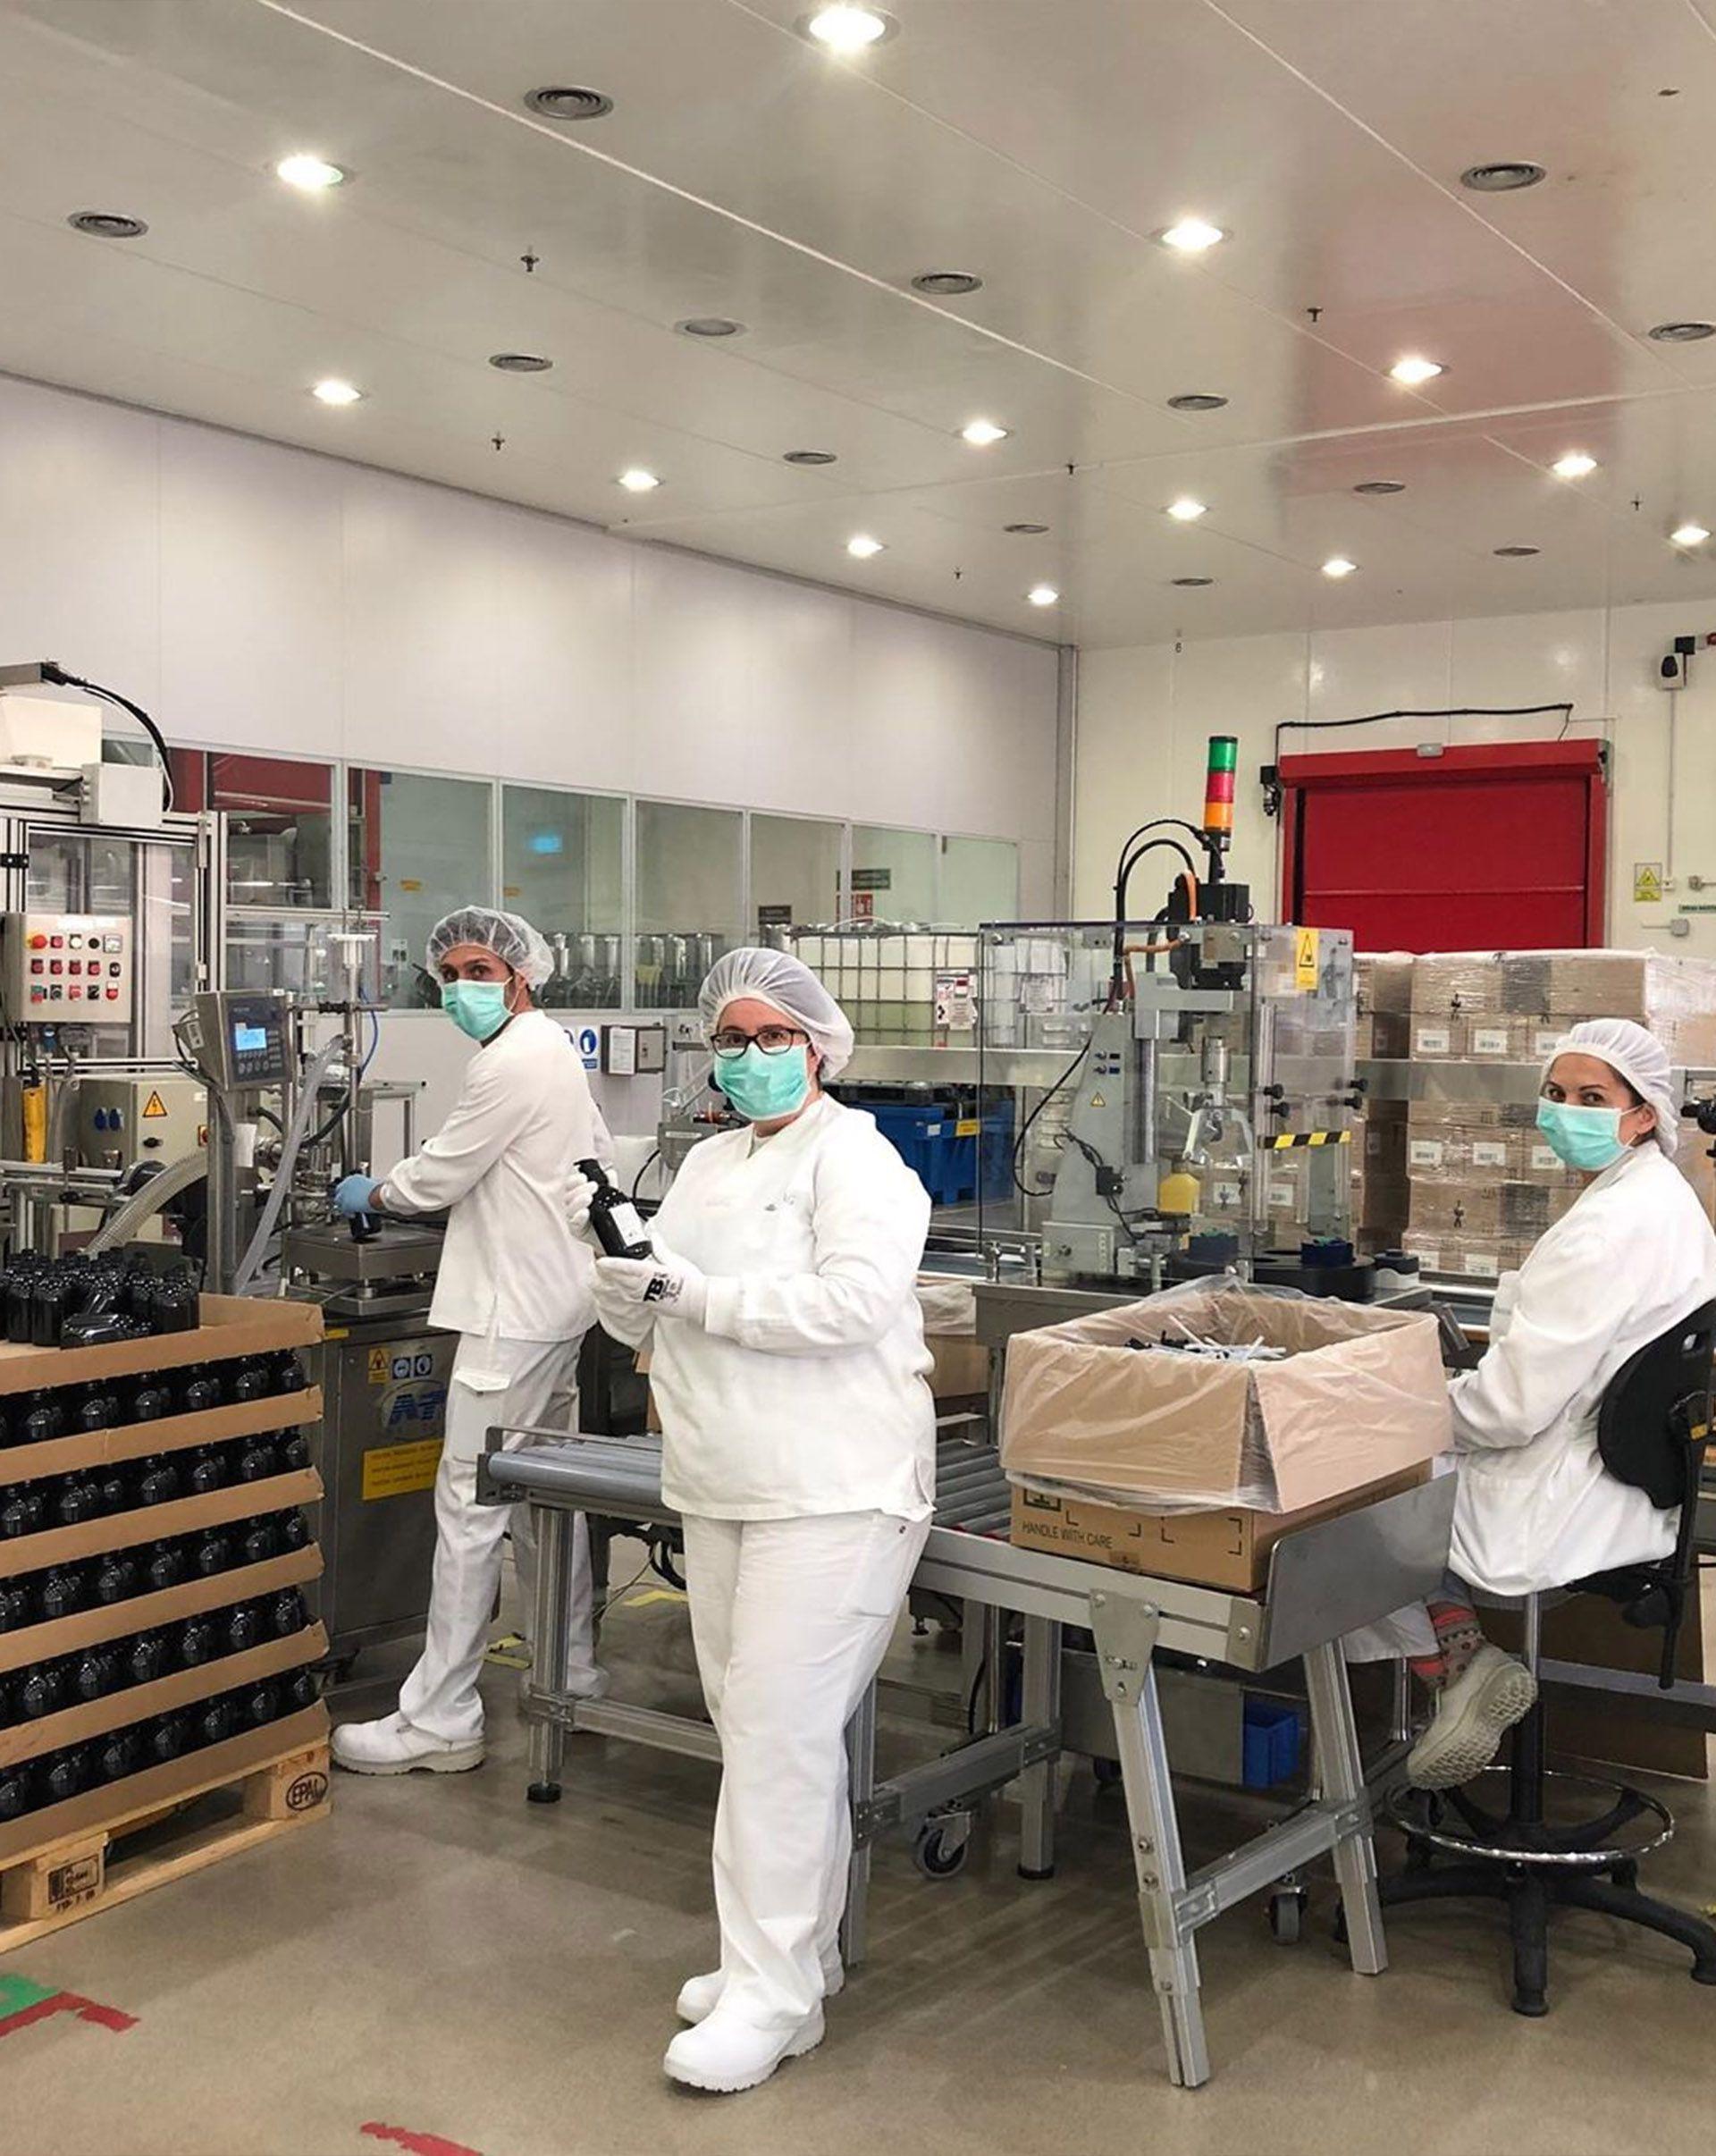 Los empleados de la fábrica mostrando el producto terminado (Foto: Instagram)